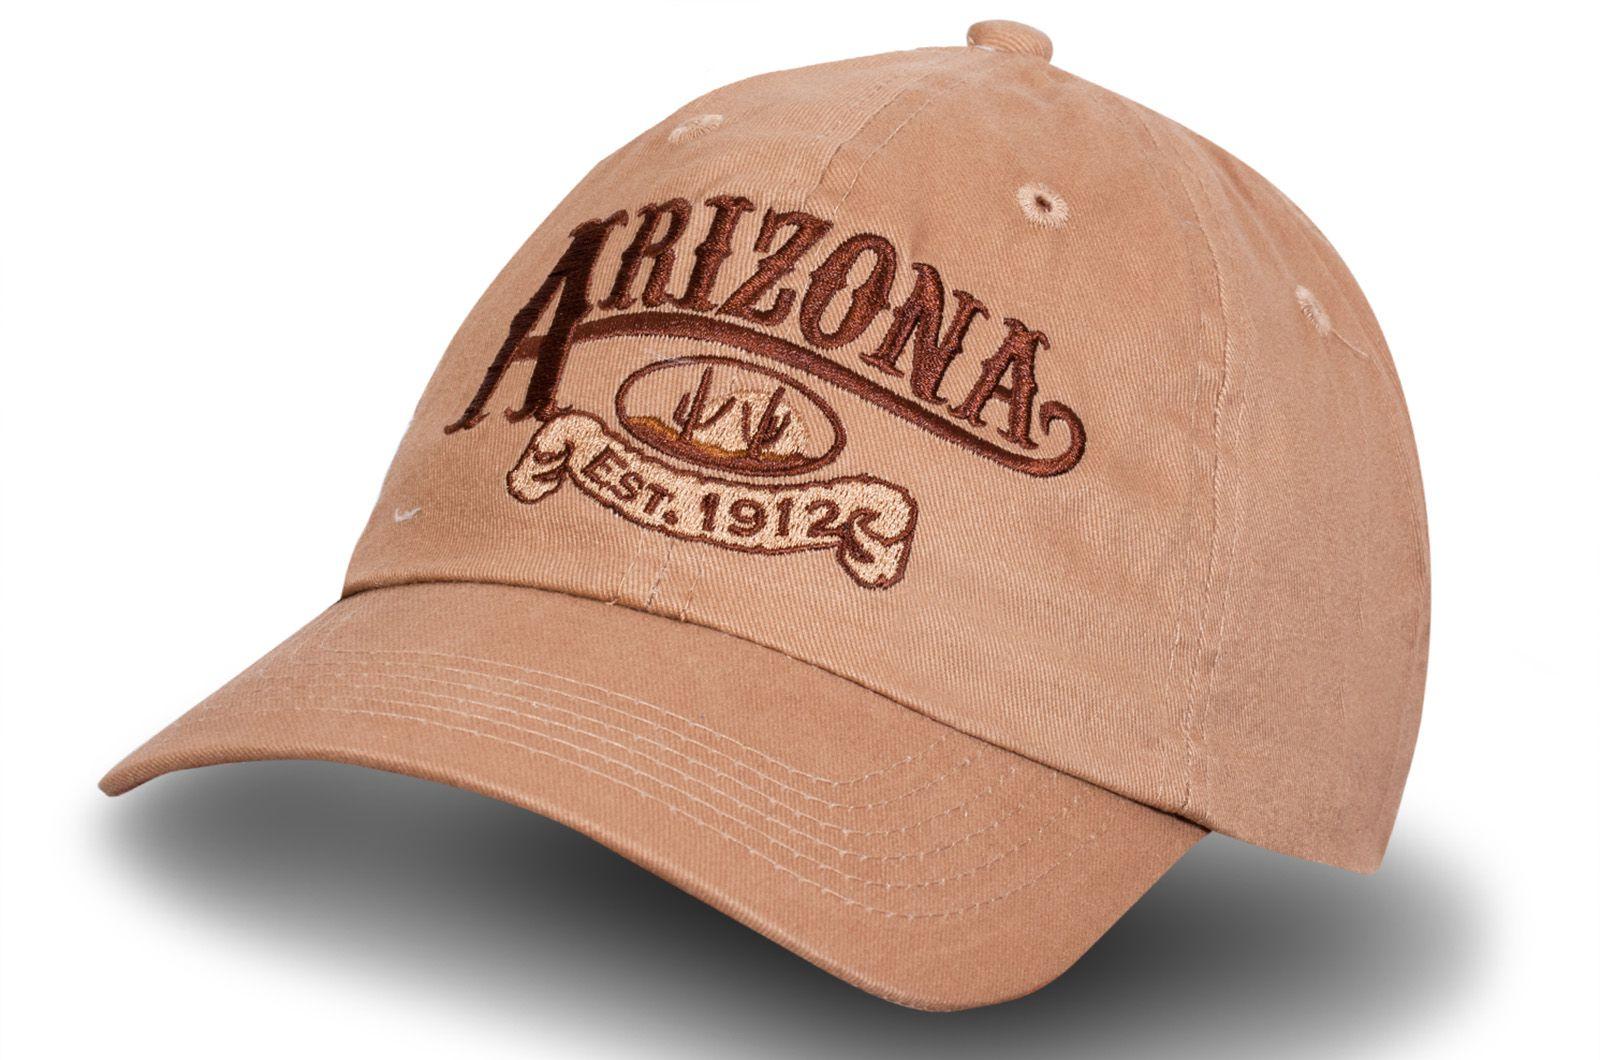 Стильная бейсболка Аризона - заказать по низкой цене